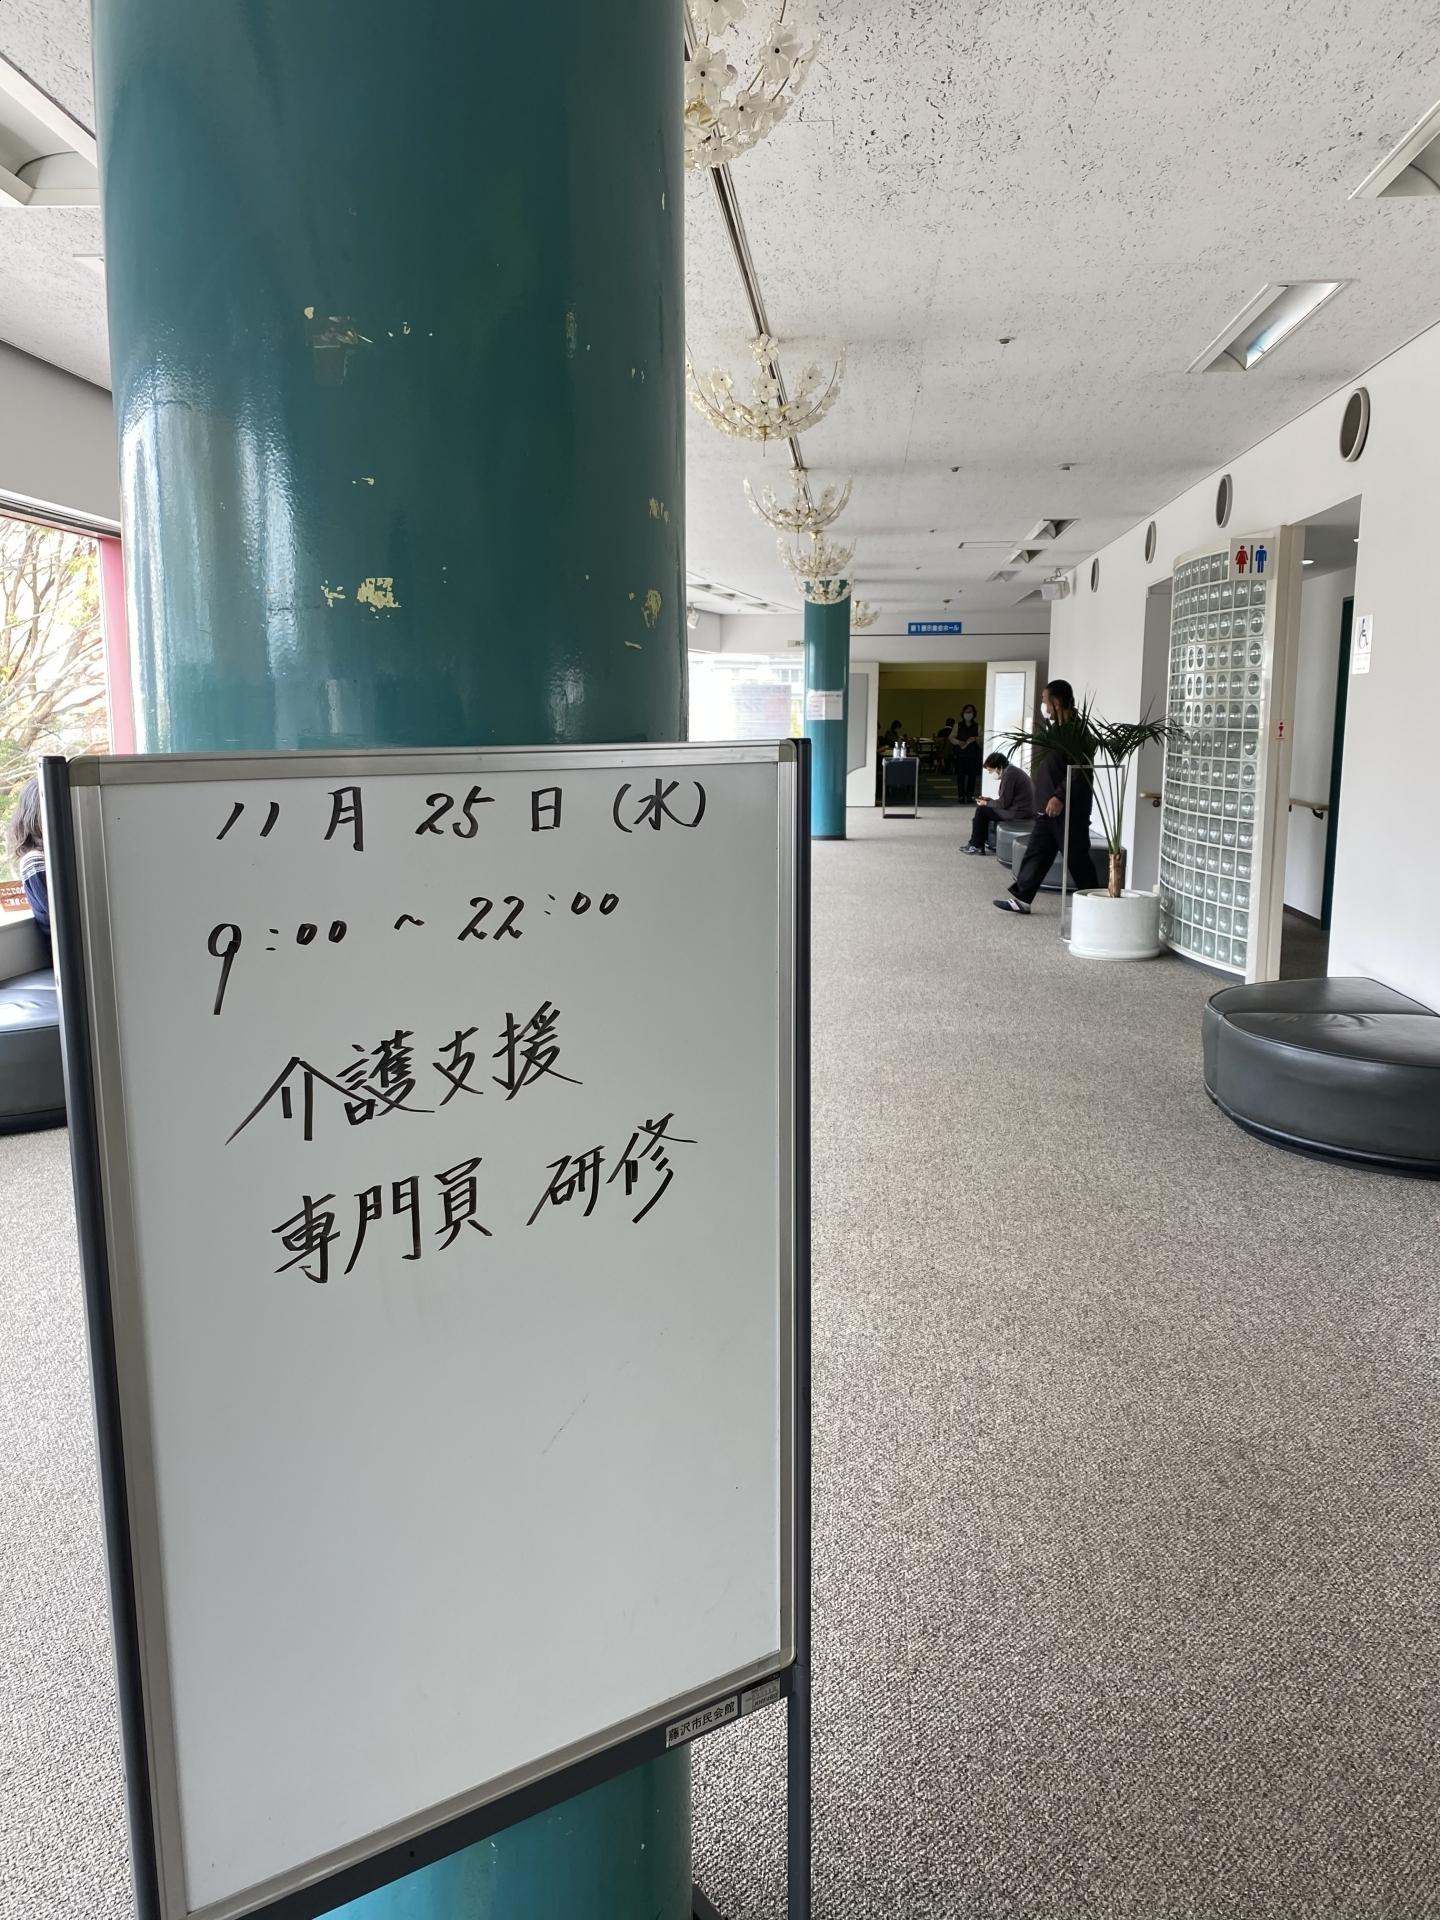 【179】 ケアマネジャー専門Ⅱ研修(4日目) 研修報告